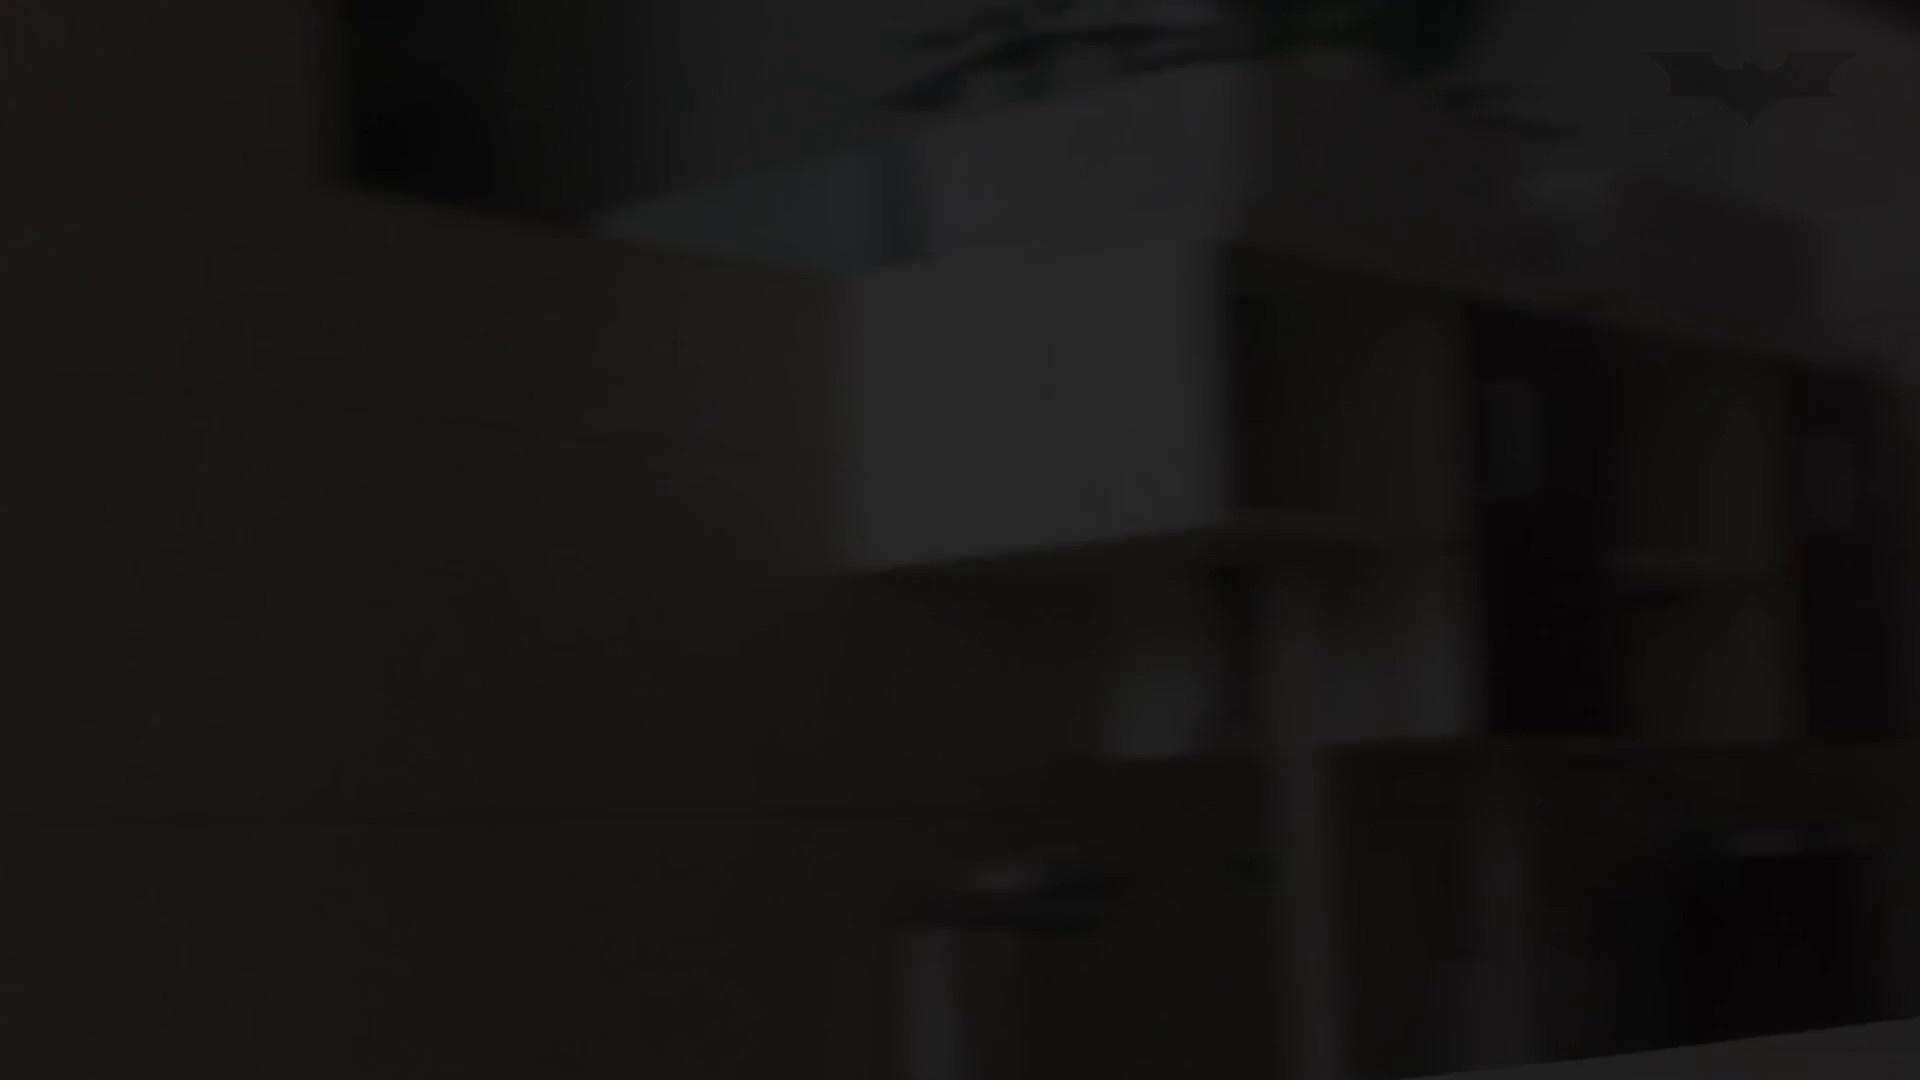 芸術大学ガチ潜入盗撮 JD盗撮 美女の洗面所の秘密 Vol.106 細身・スレンダー  40画像 24